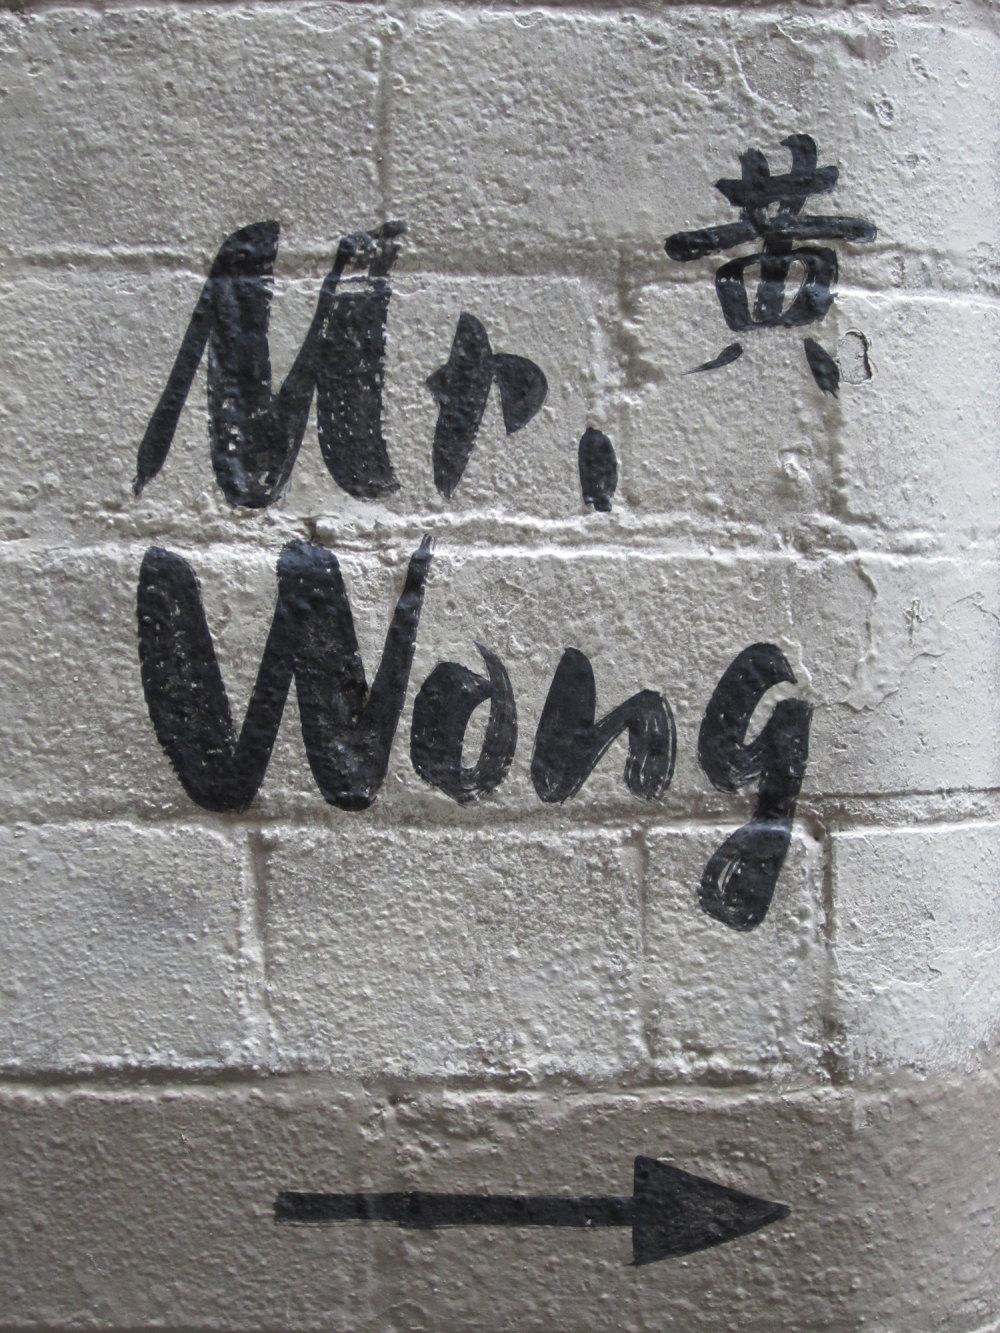 悉尼Mr.Wong中餐粤菜馆--极具中国风情的餐馆_img_1486.jpg